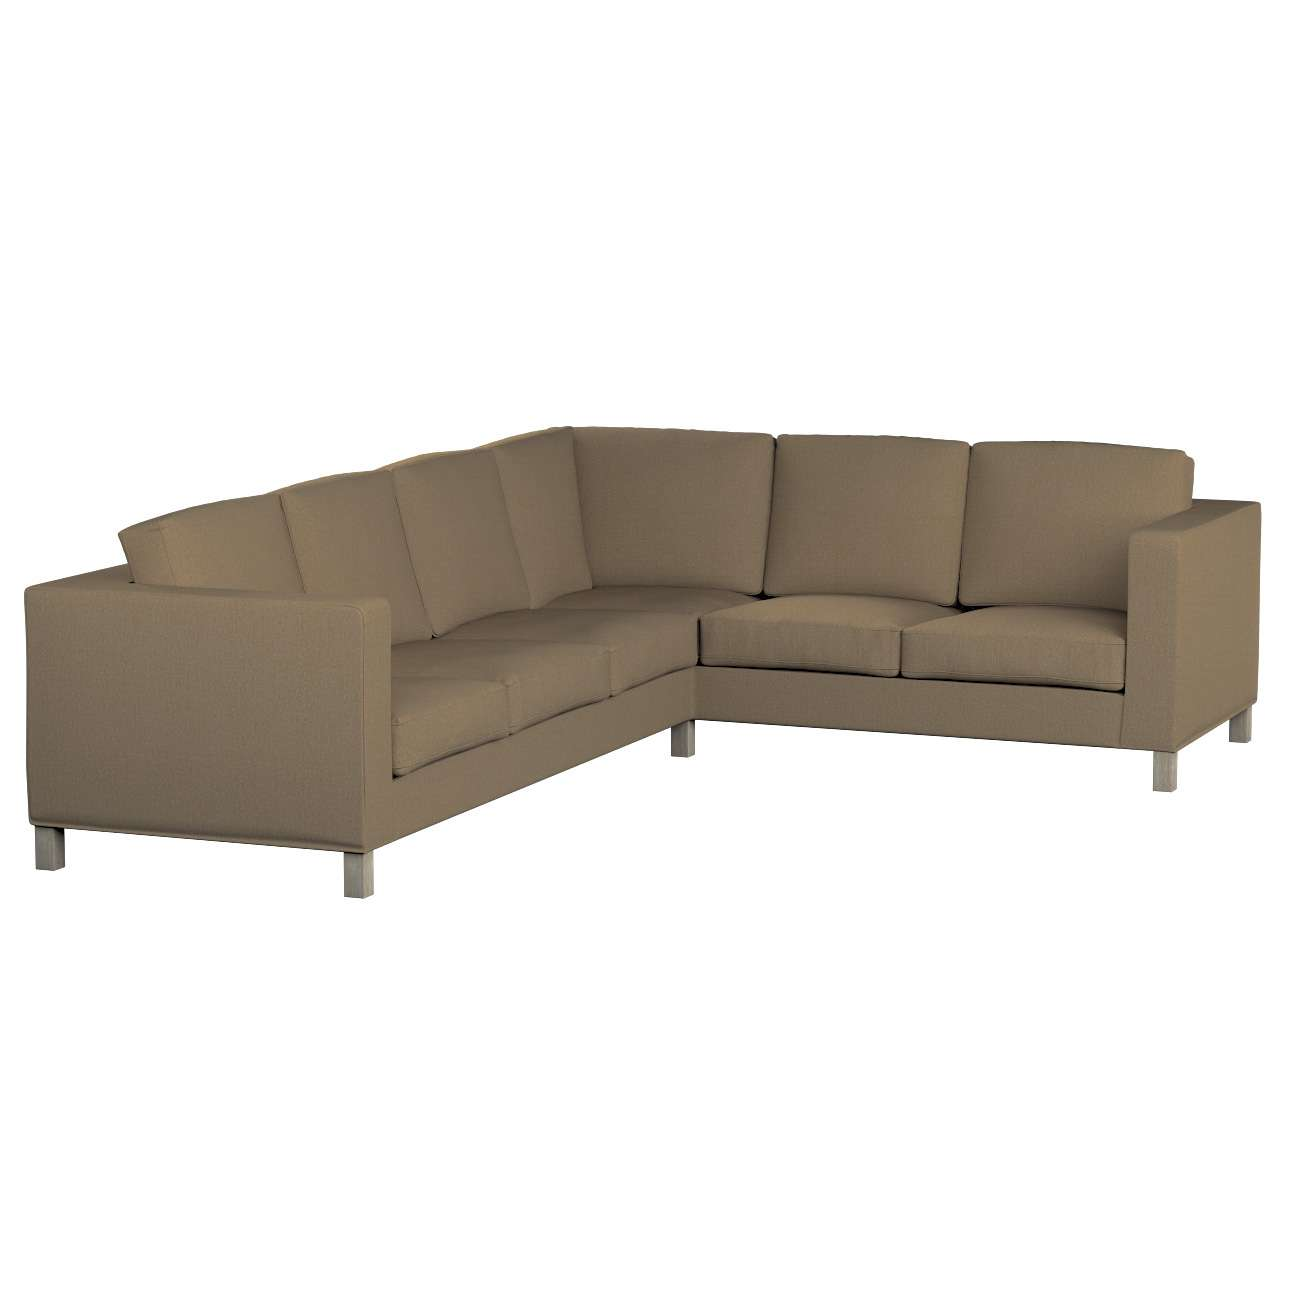 KARLANDA kampinės sofos (kairės) užvalkalas KARLANDA kampinės sofos (kairės) užvalkalas kolekcijoje Chenille, audinys: 702-21